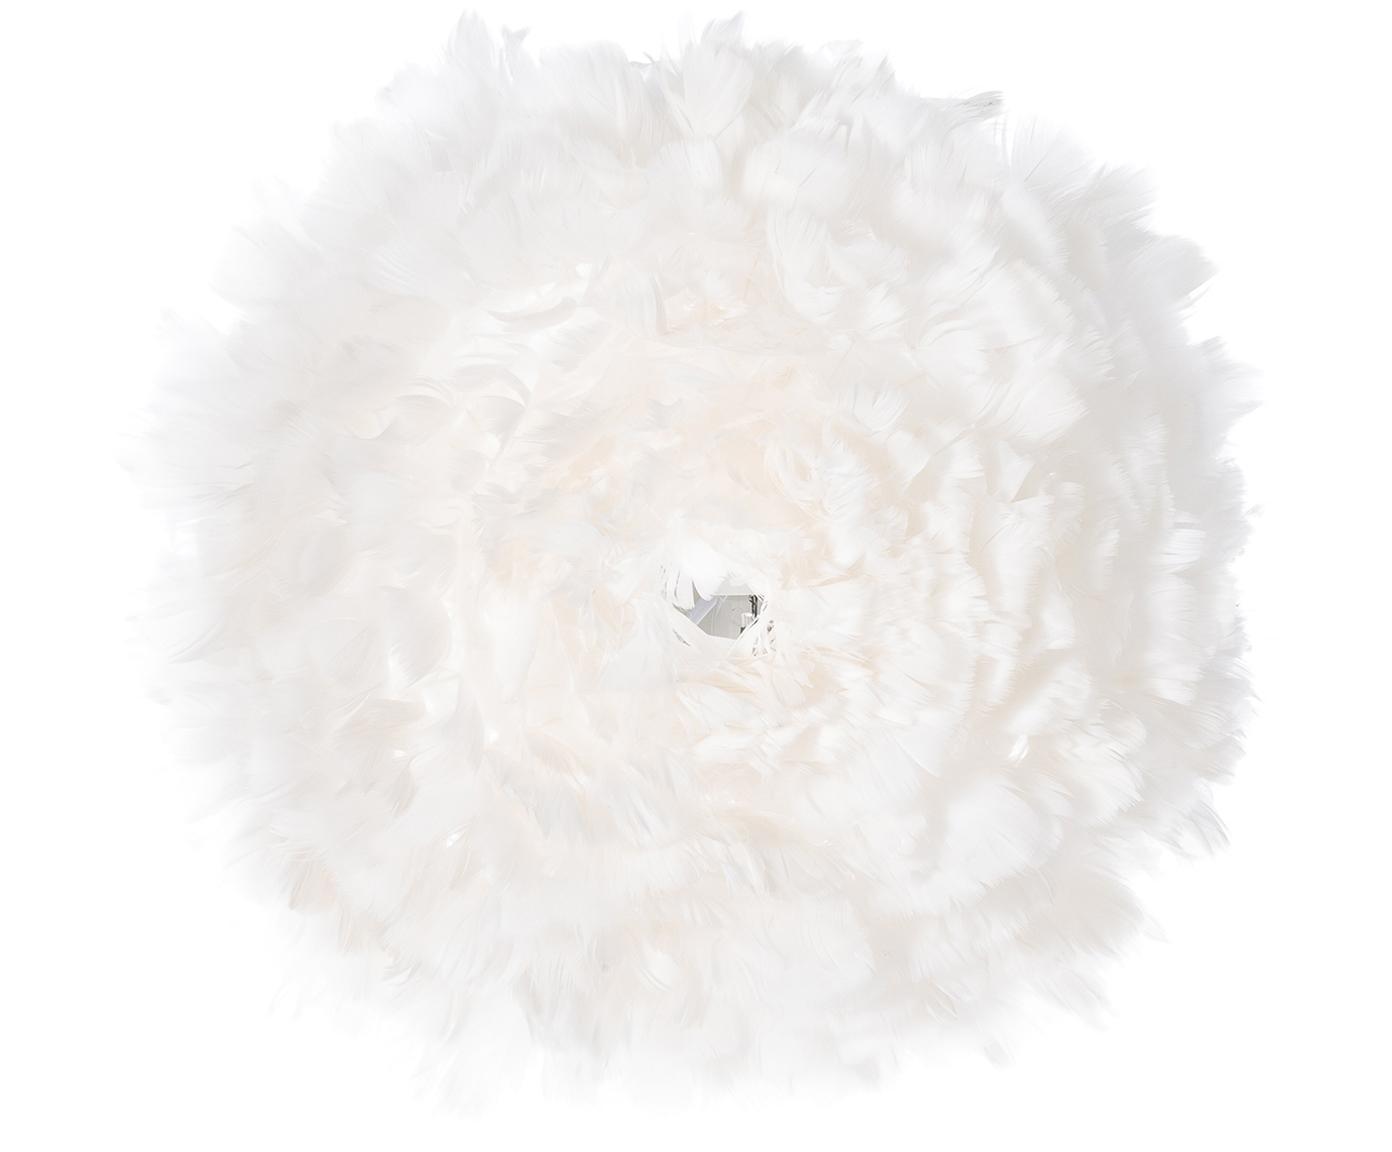 Wandlamp Eos Up van veren, Lampenkap: ganzenveren, Wit, Ø 40 x D 15 cm